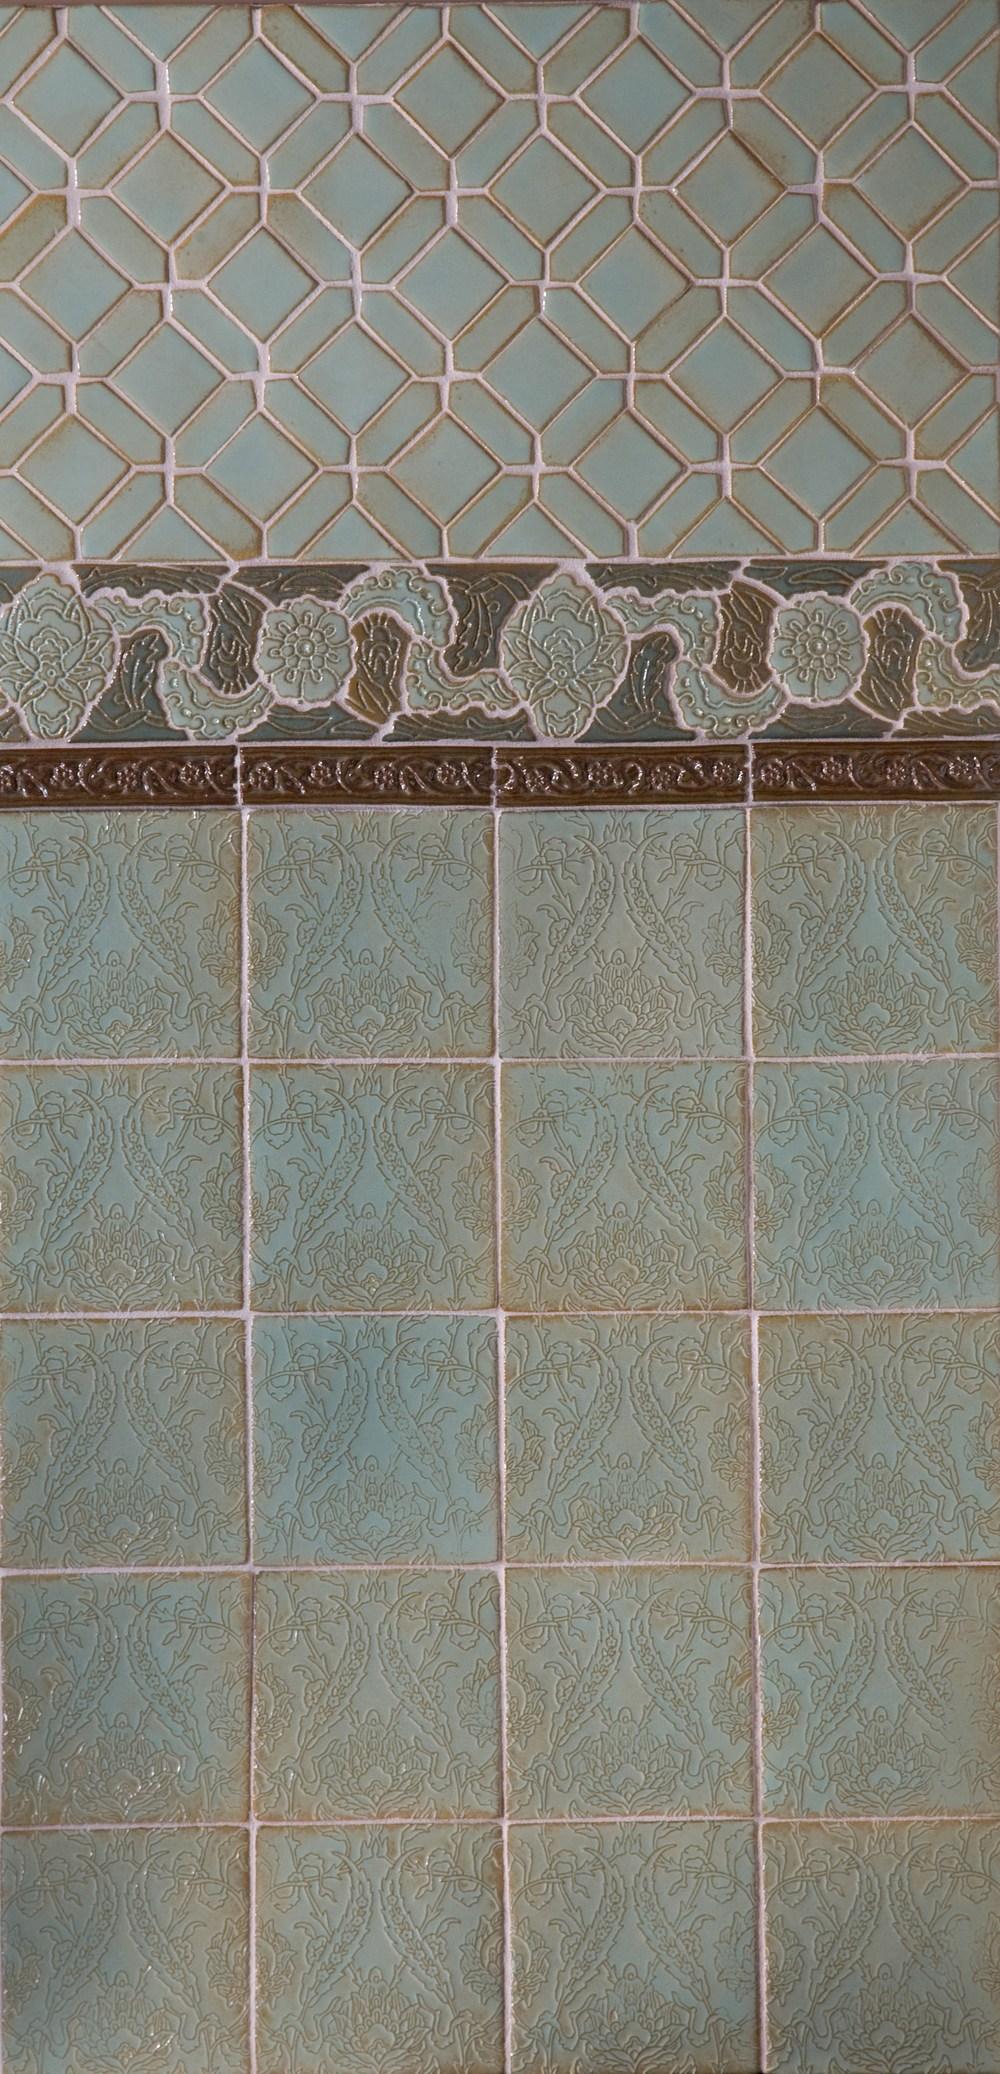 18_Lilywork-Tiles 2013.jpg